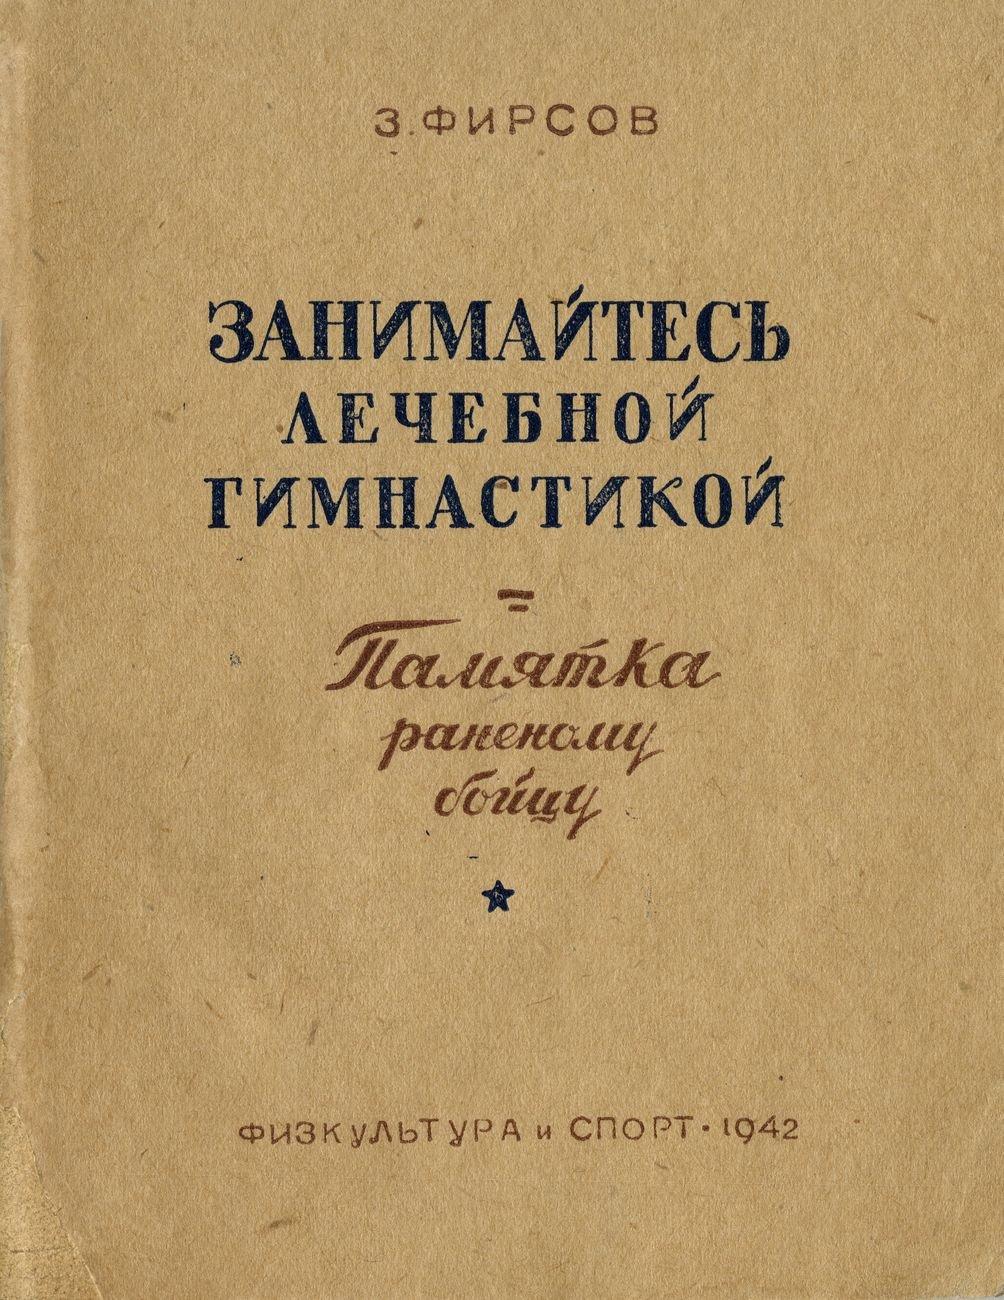 Памятка раненому бойцу. 1942